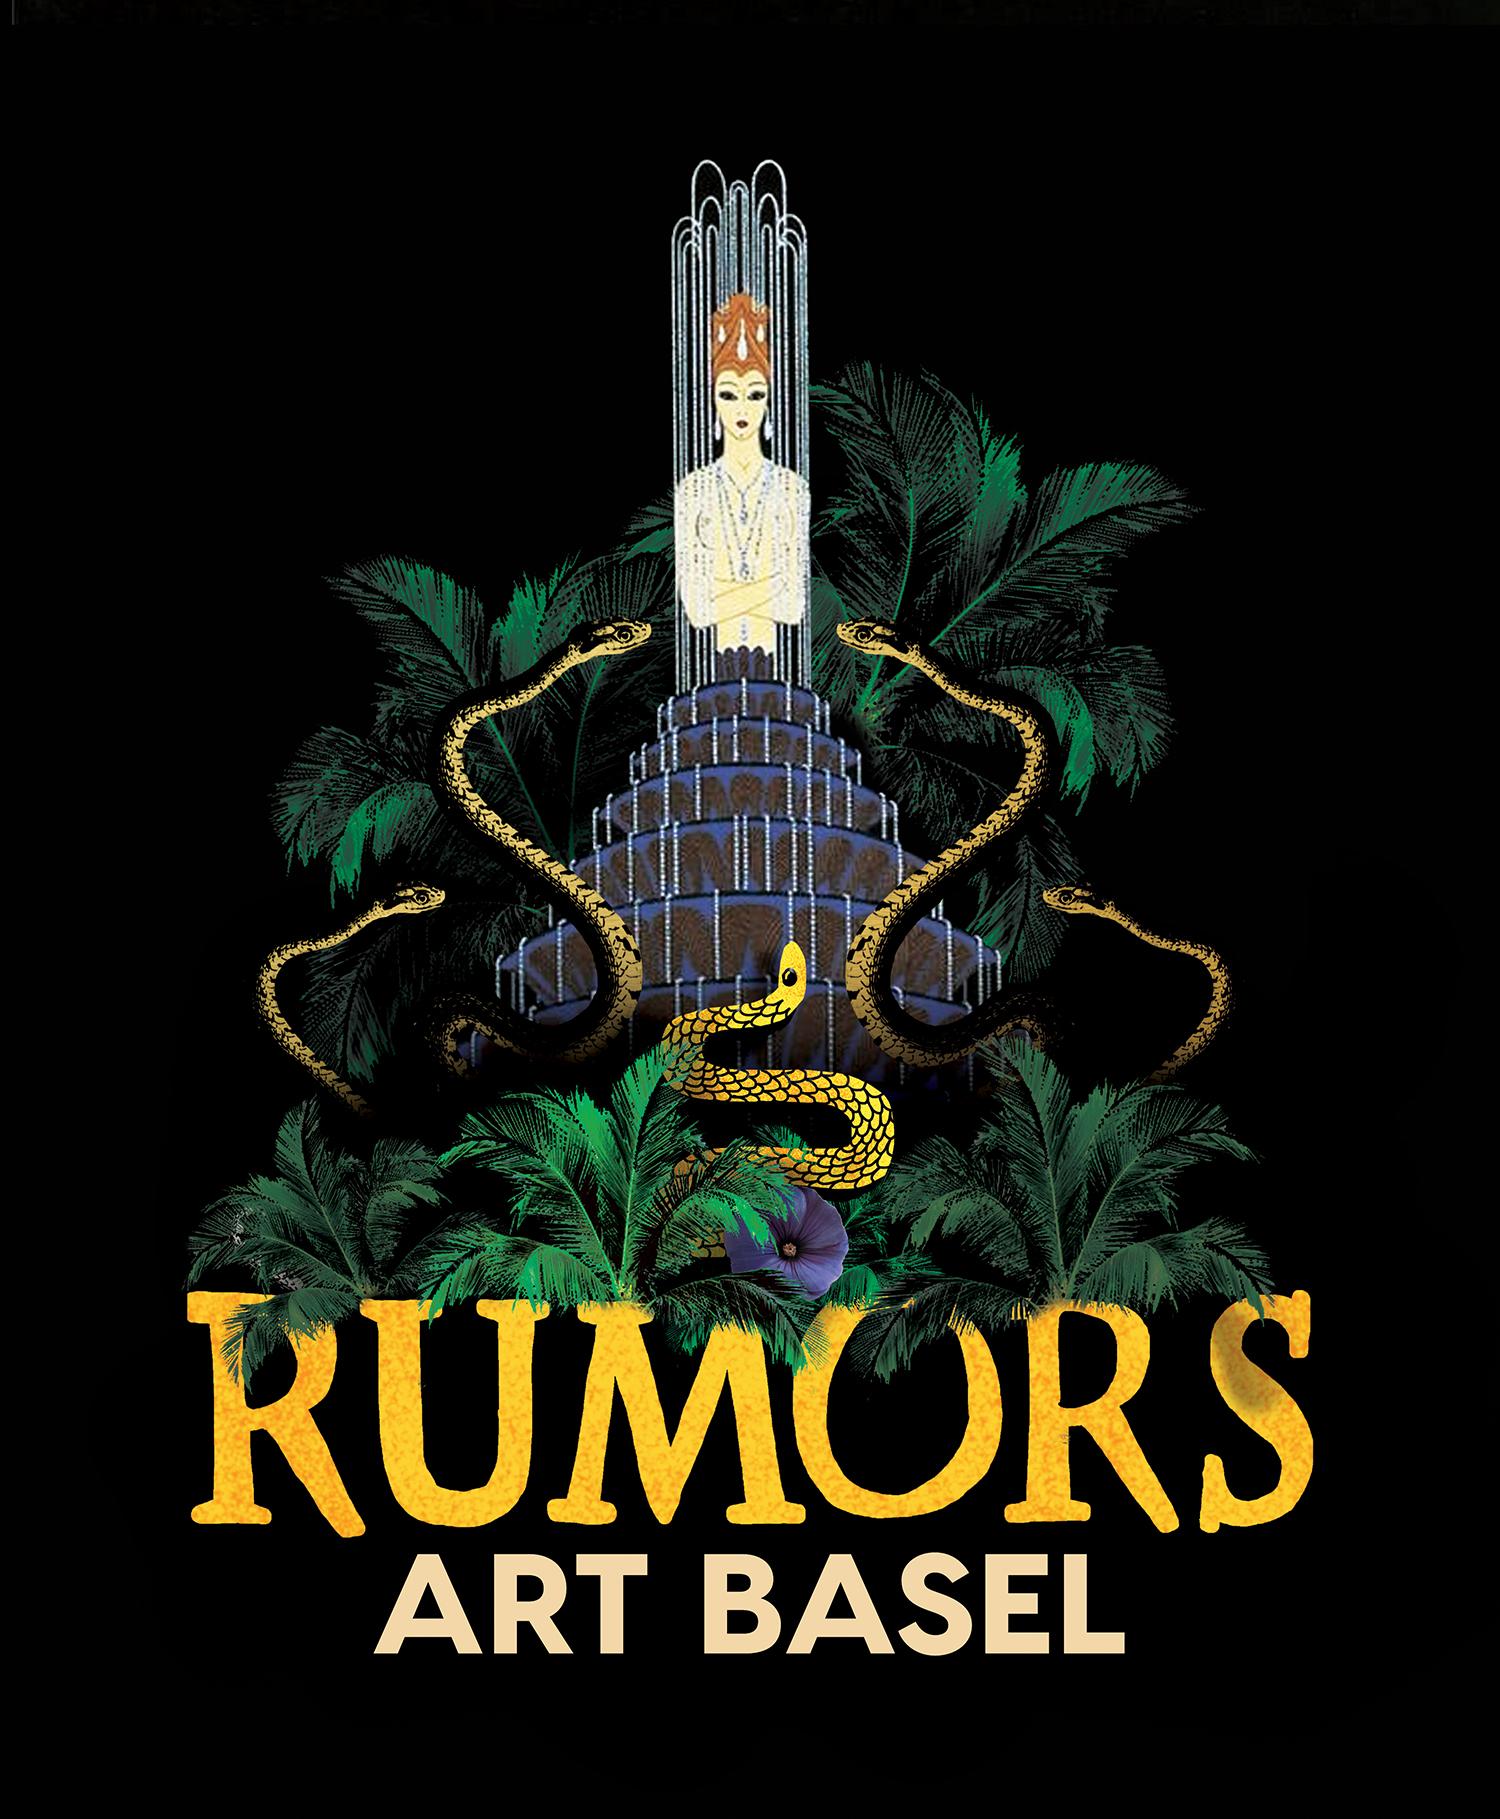 Rumors-Art-Basel-'17.jpg